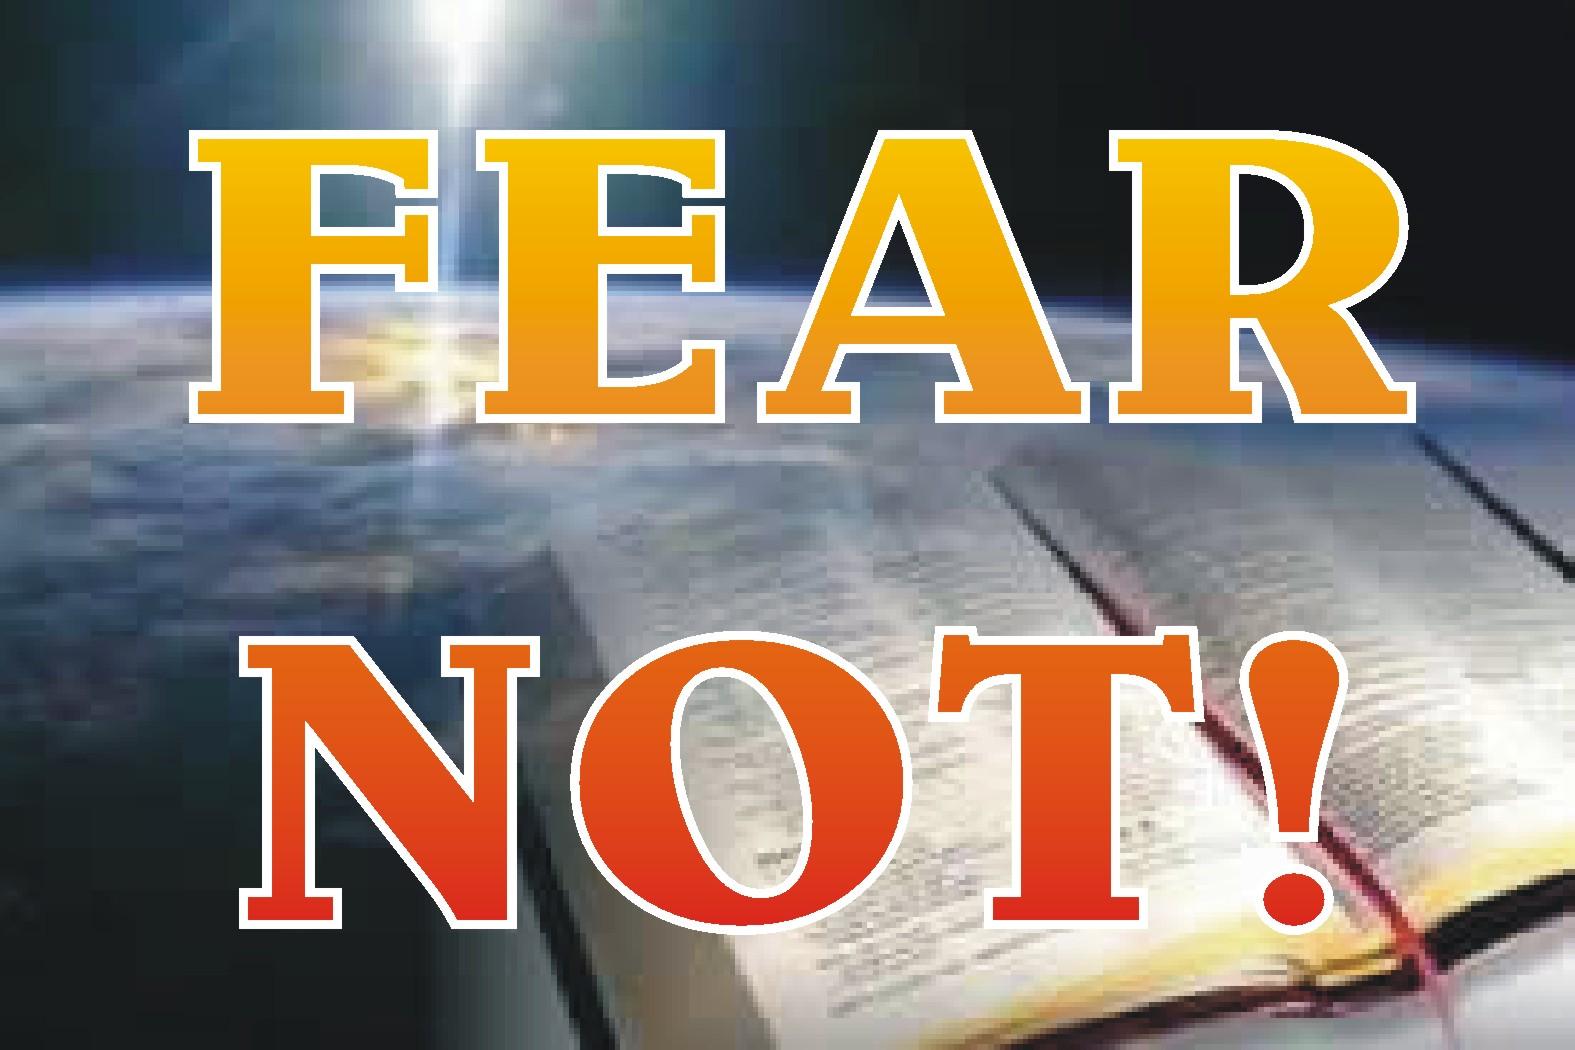 the prophet speaks fear not